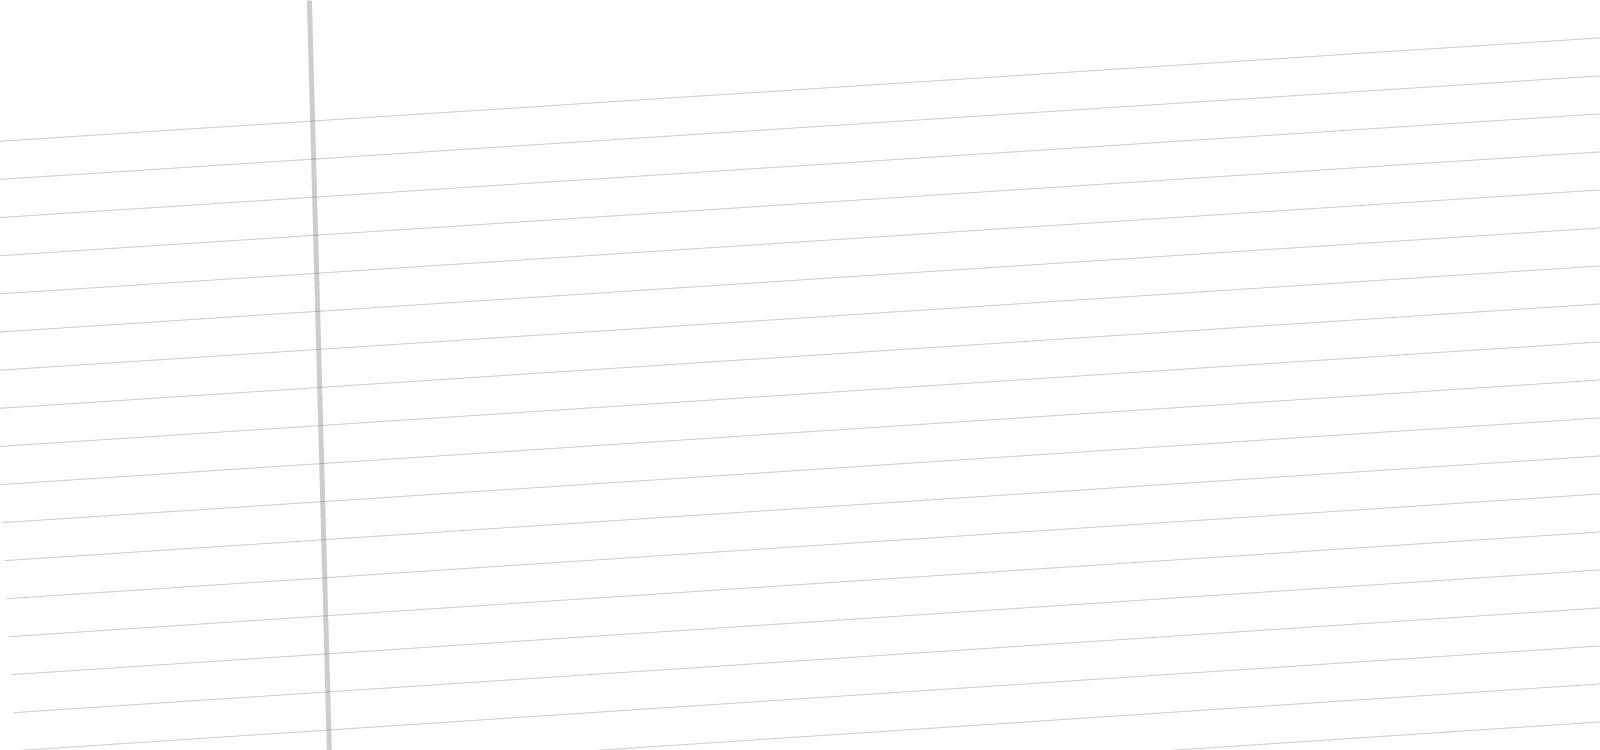 ONOMA - Precisa de uma tradução exemplar? - Empresa de Tradução